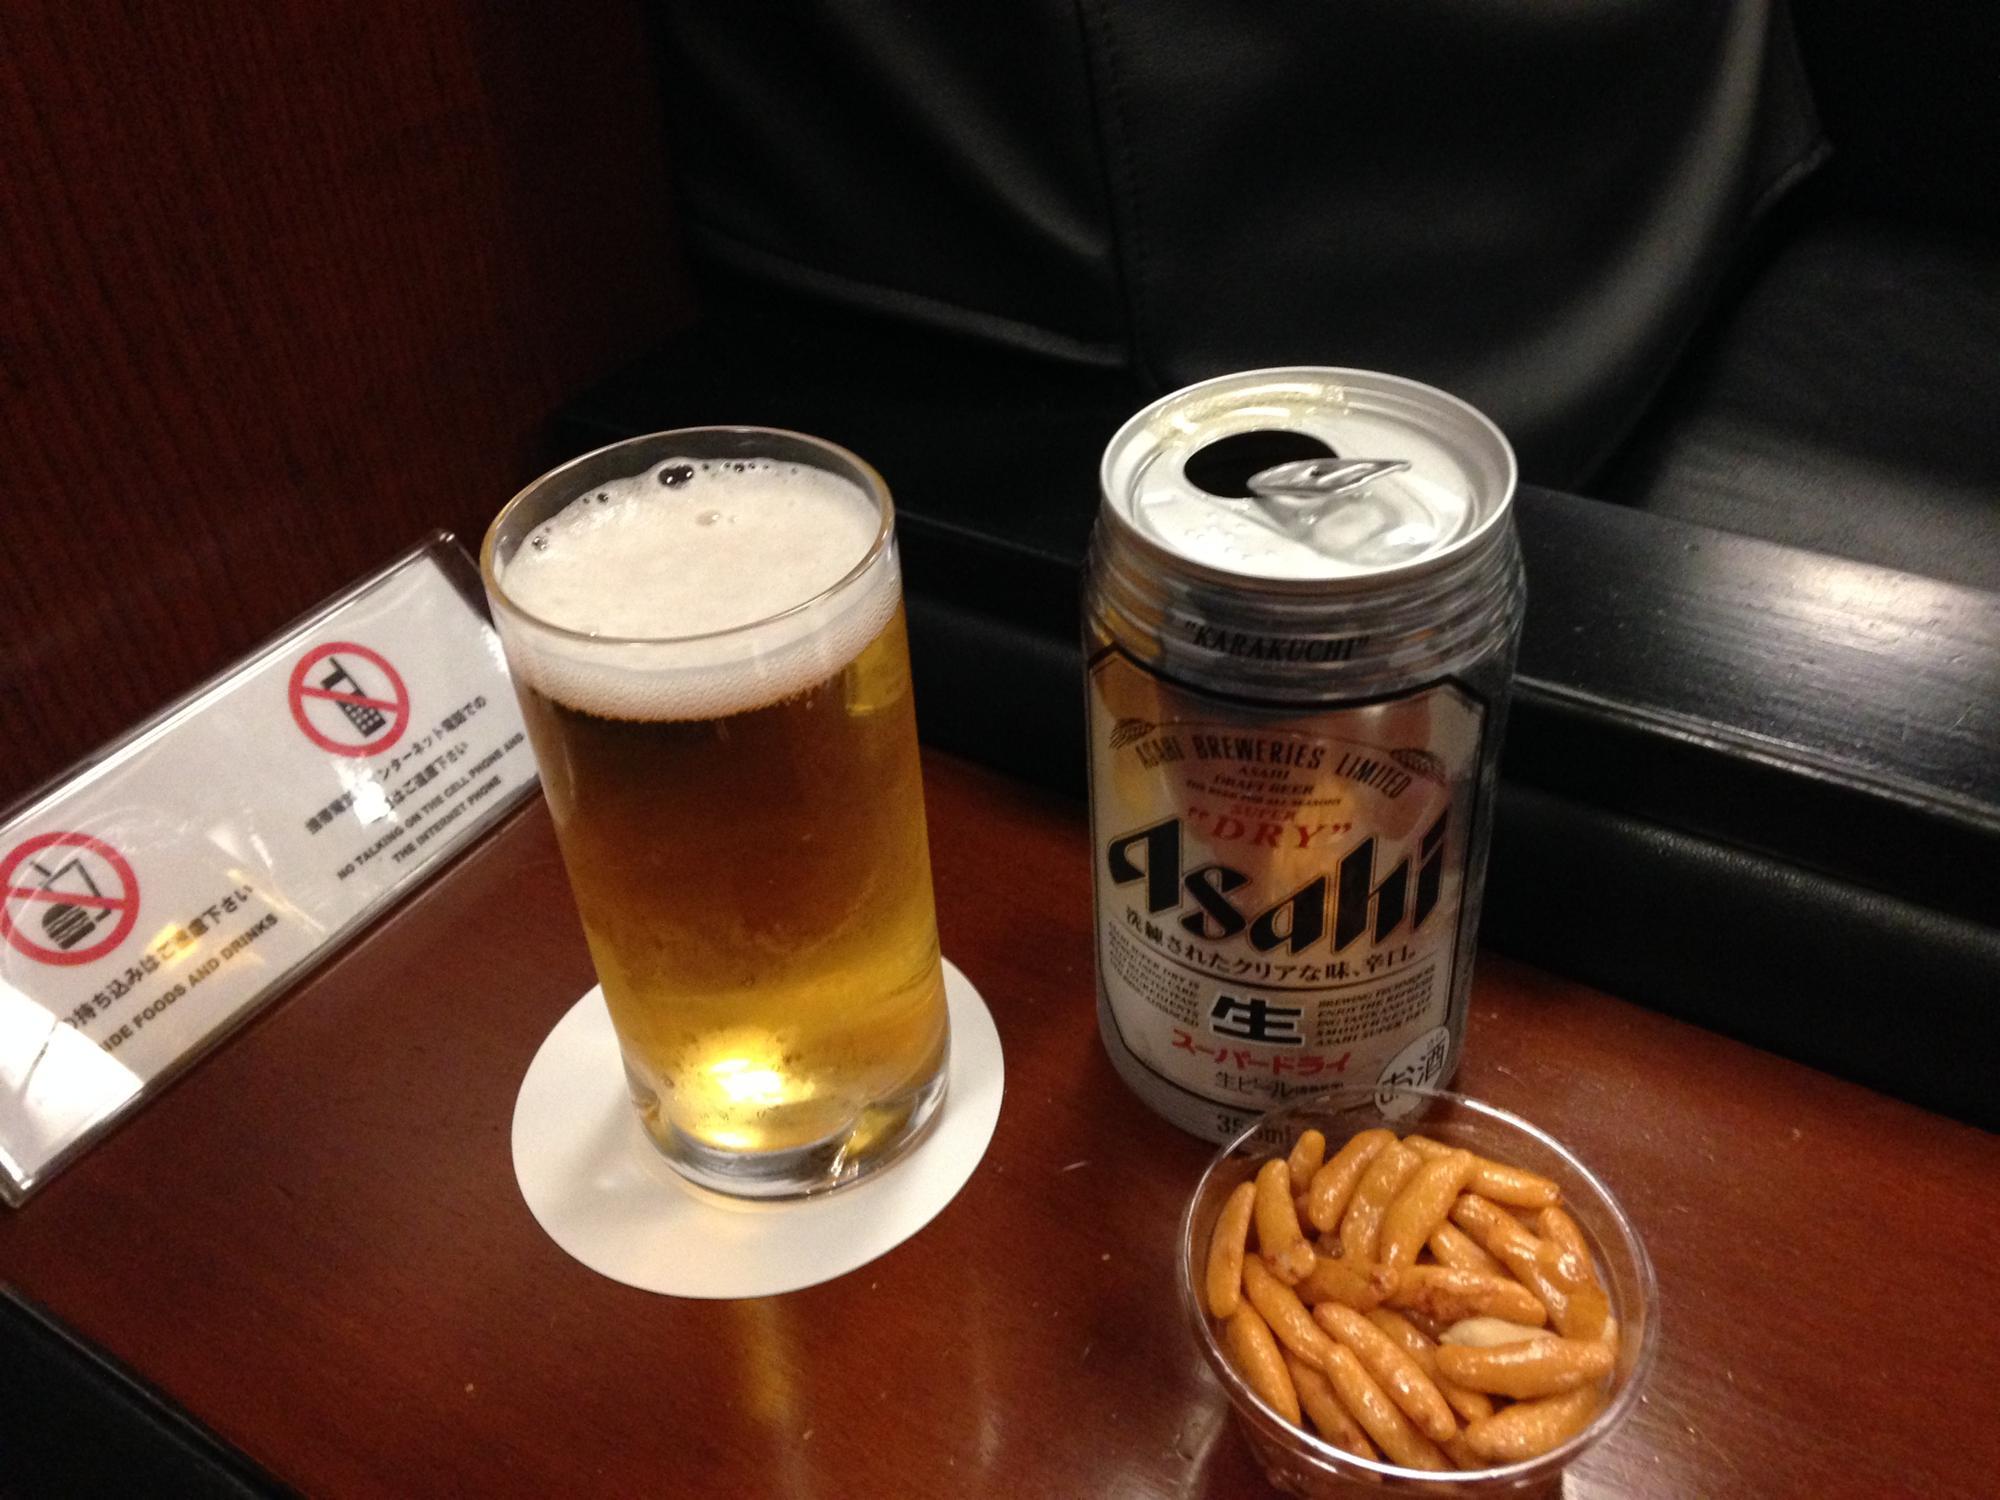 成田空港 ビール カードラウンジ